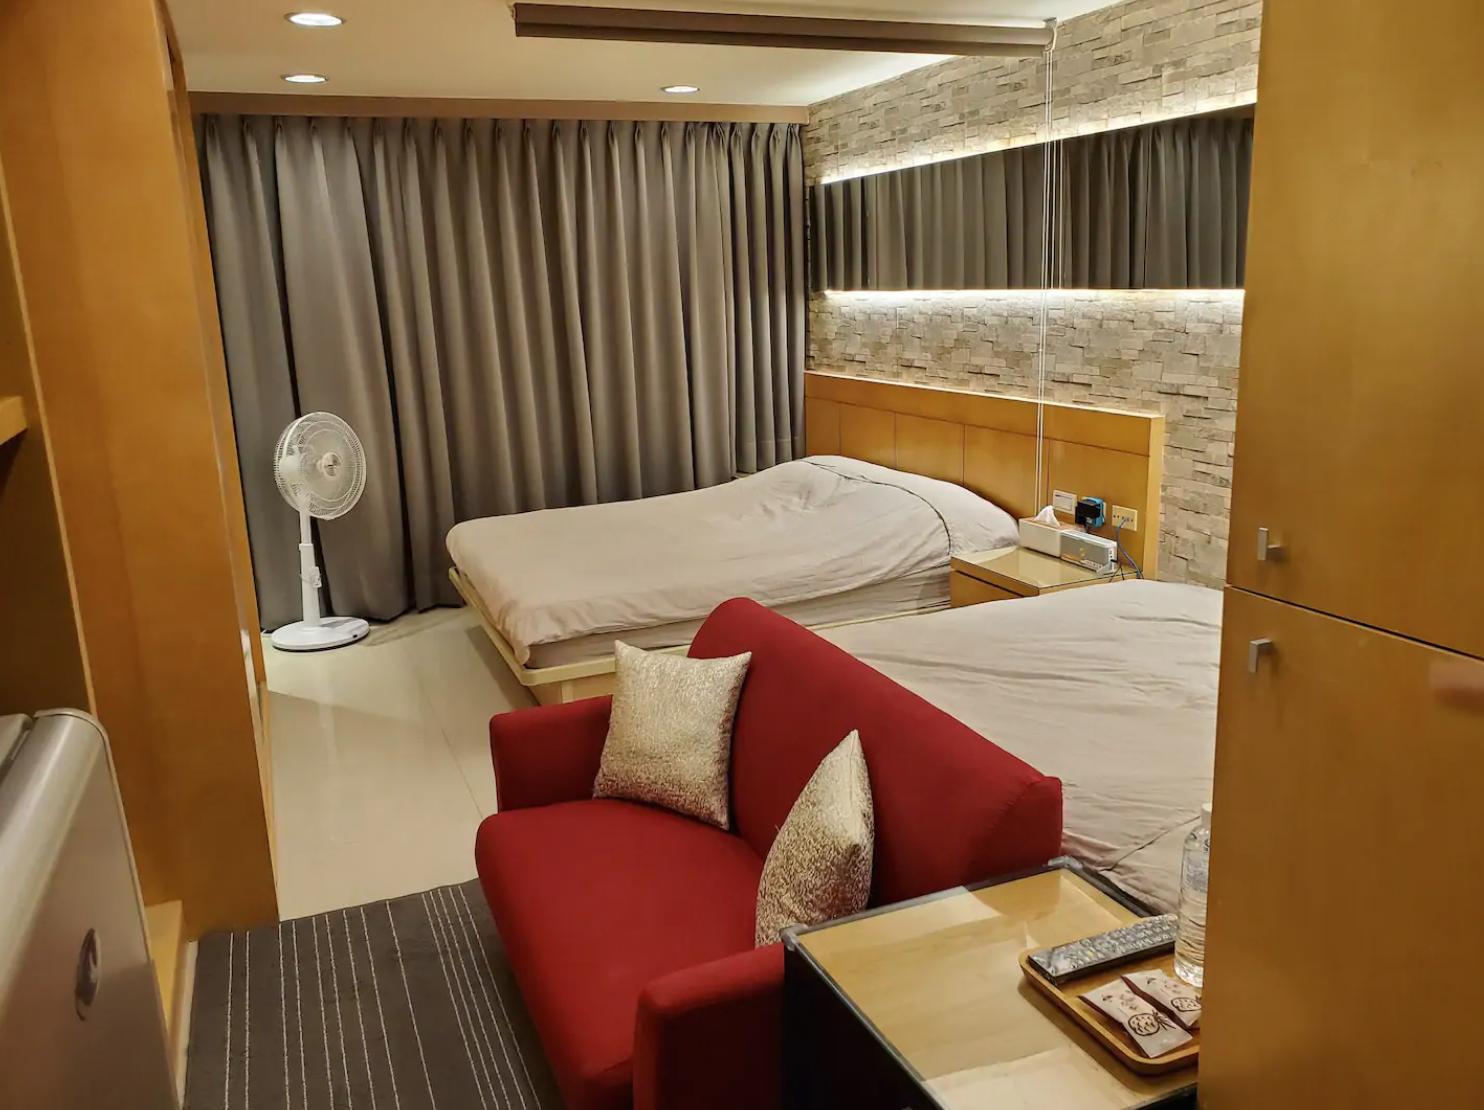 Airbnb Taipei, Taiwan - where to stay in Taipei, Taiwan